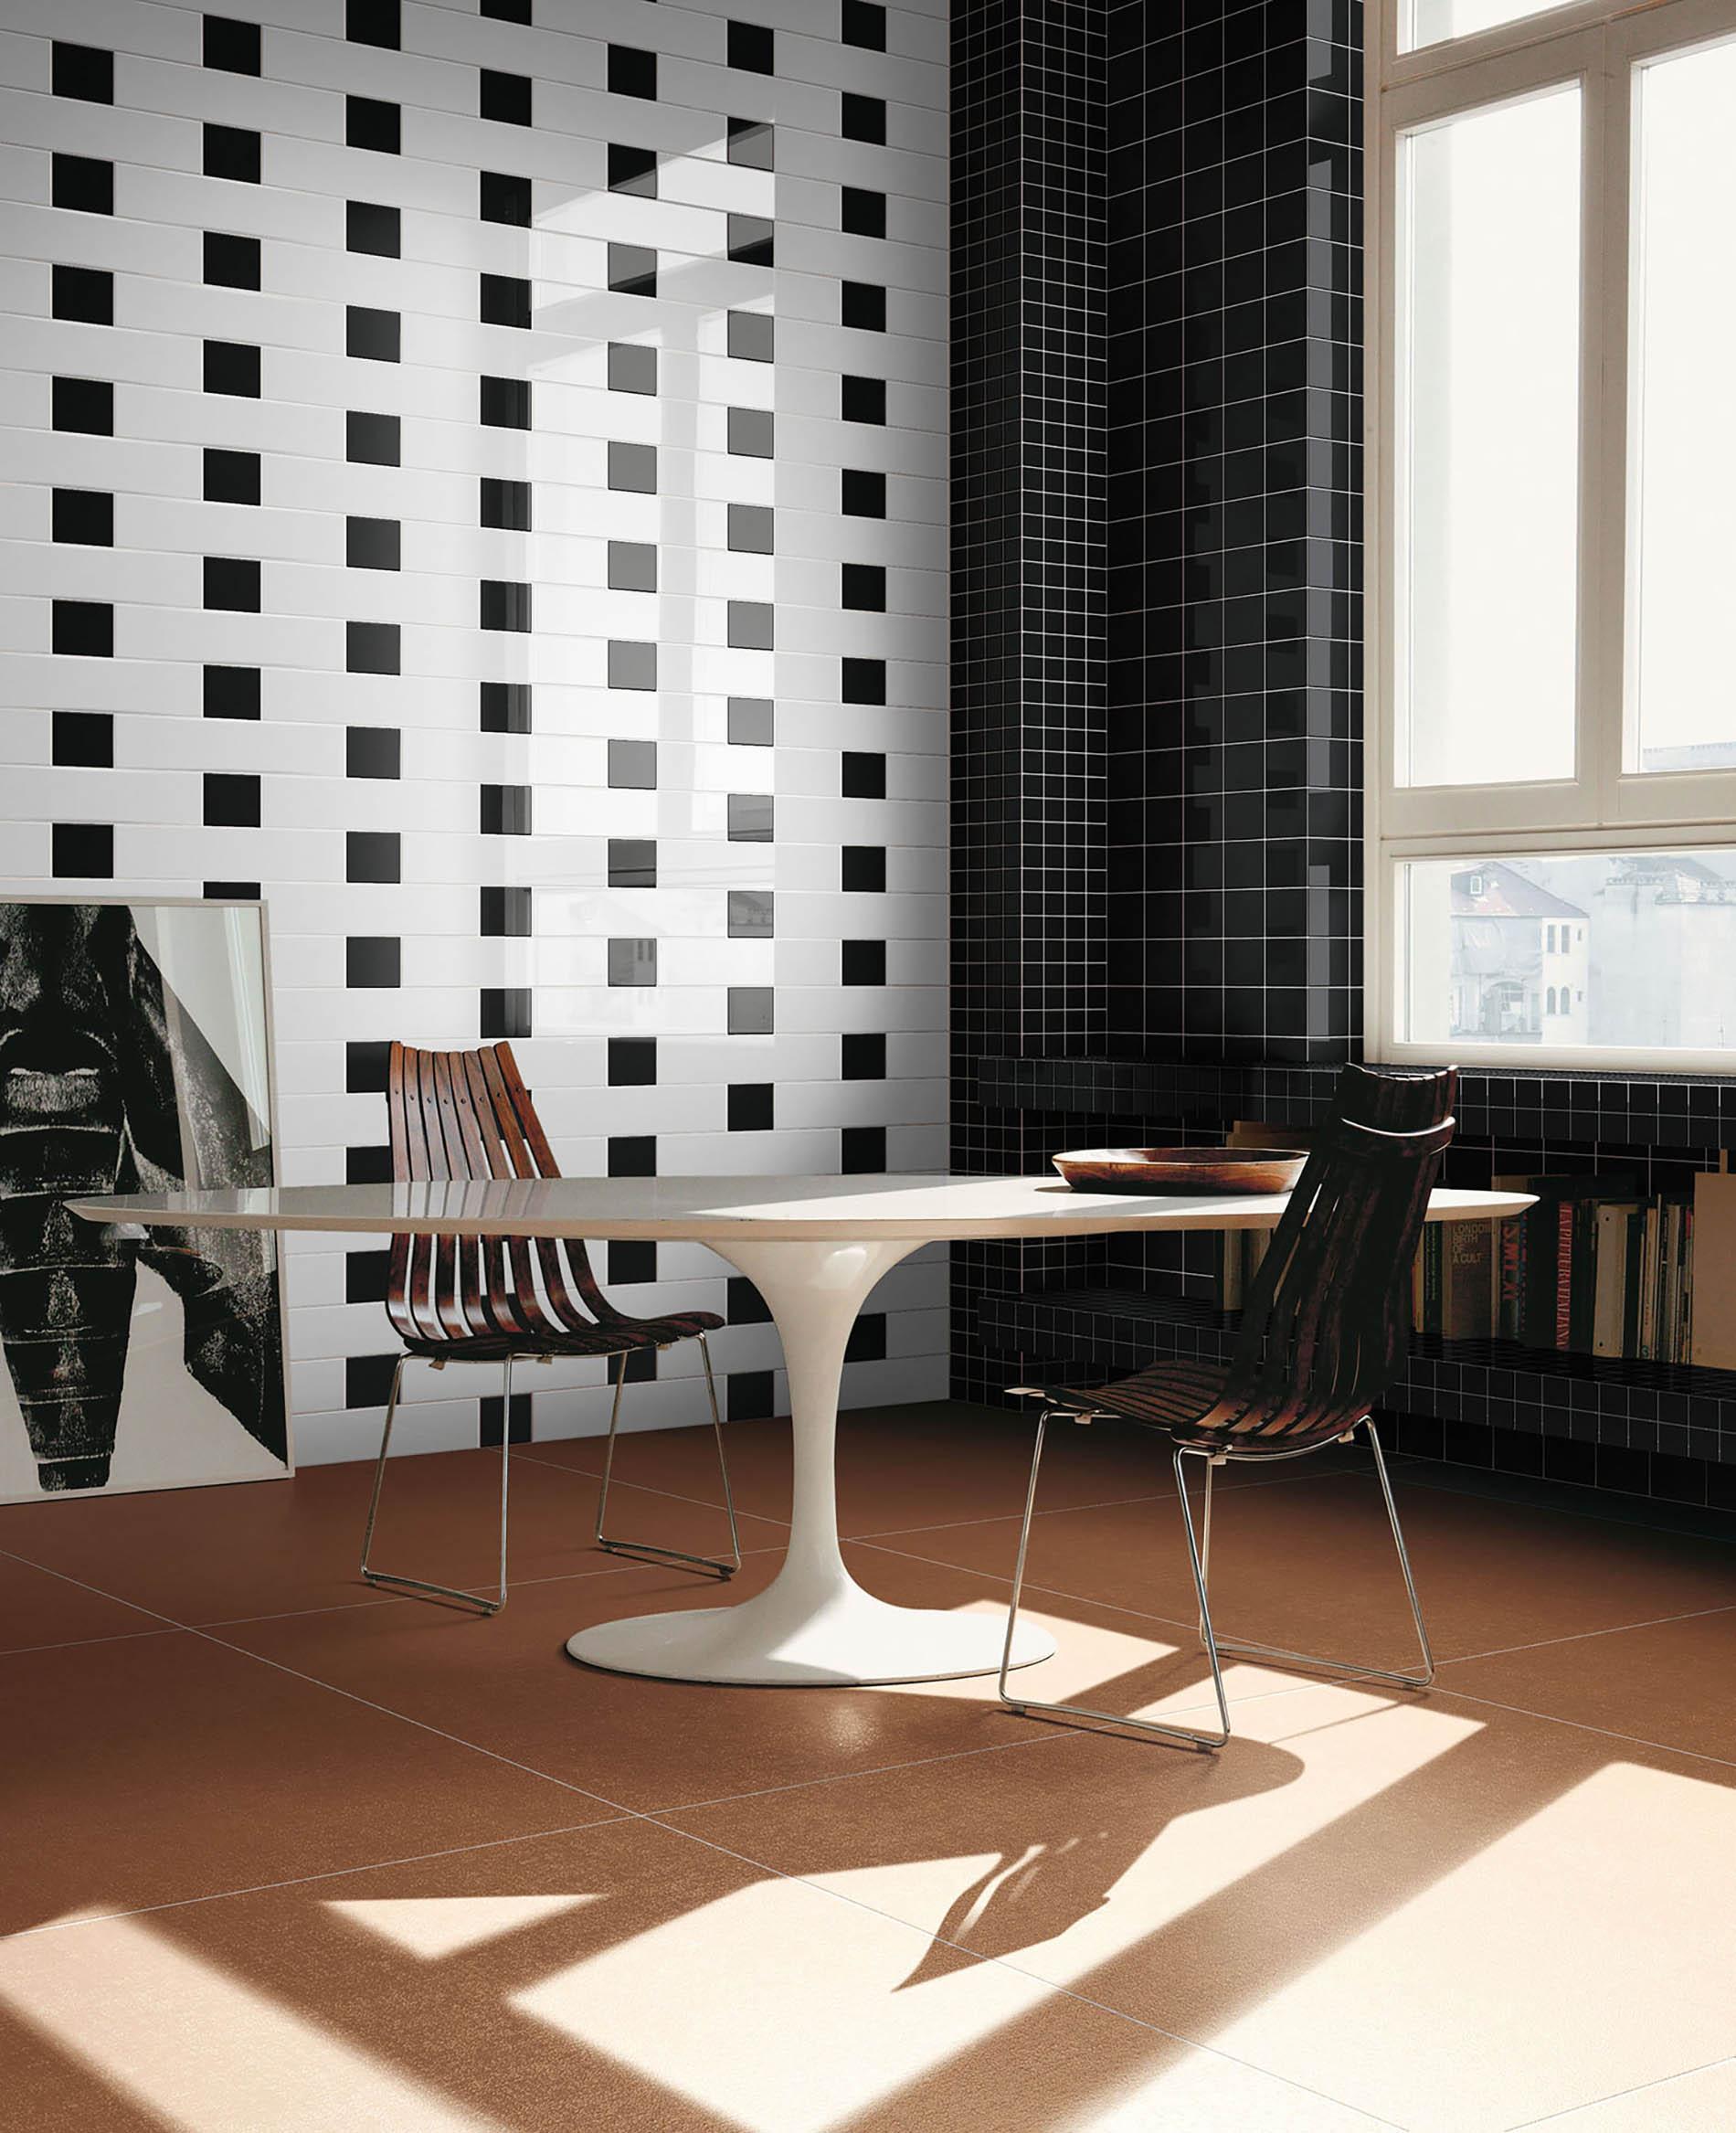 Bianco e nero ceramica bardelli - Piastrelle bianche e nere ...